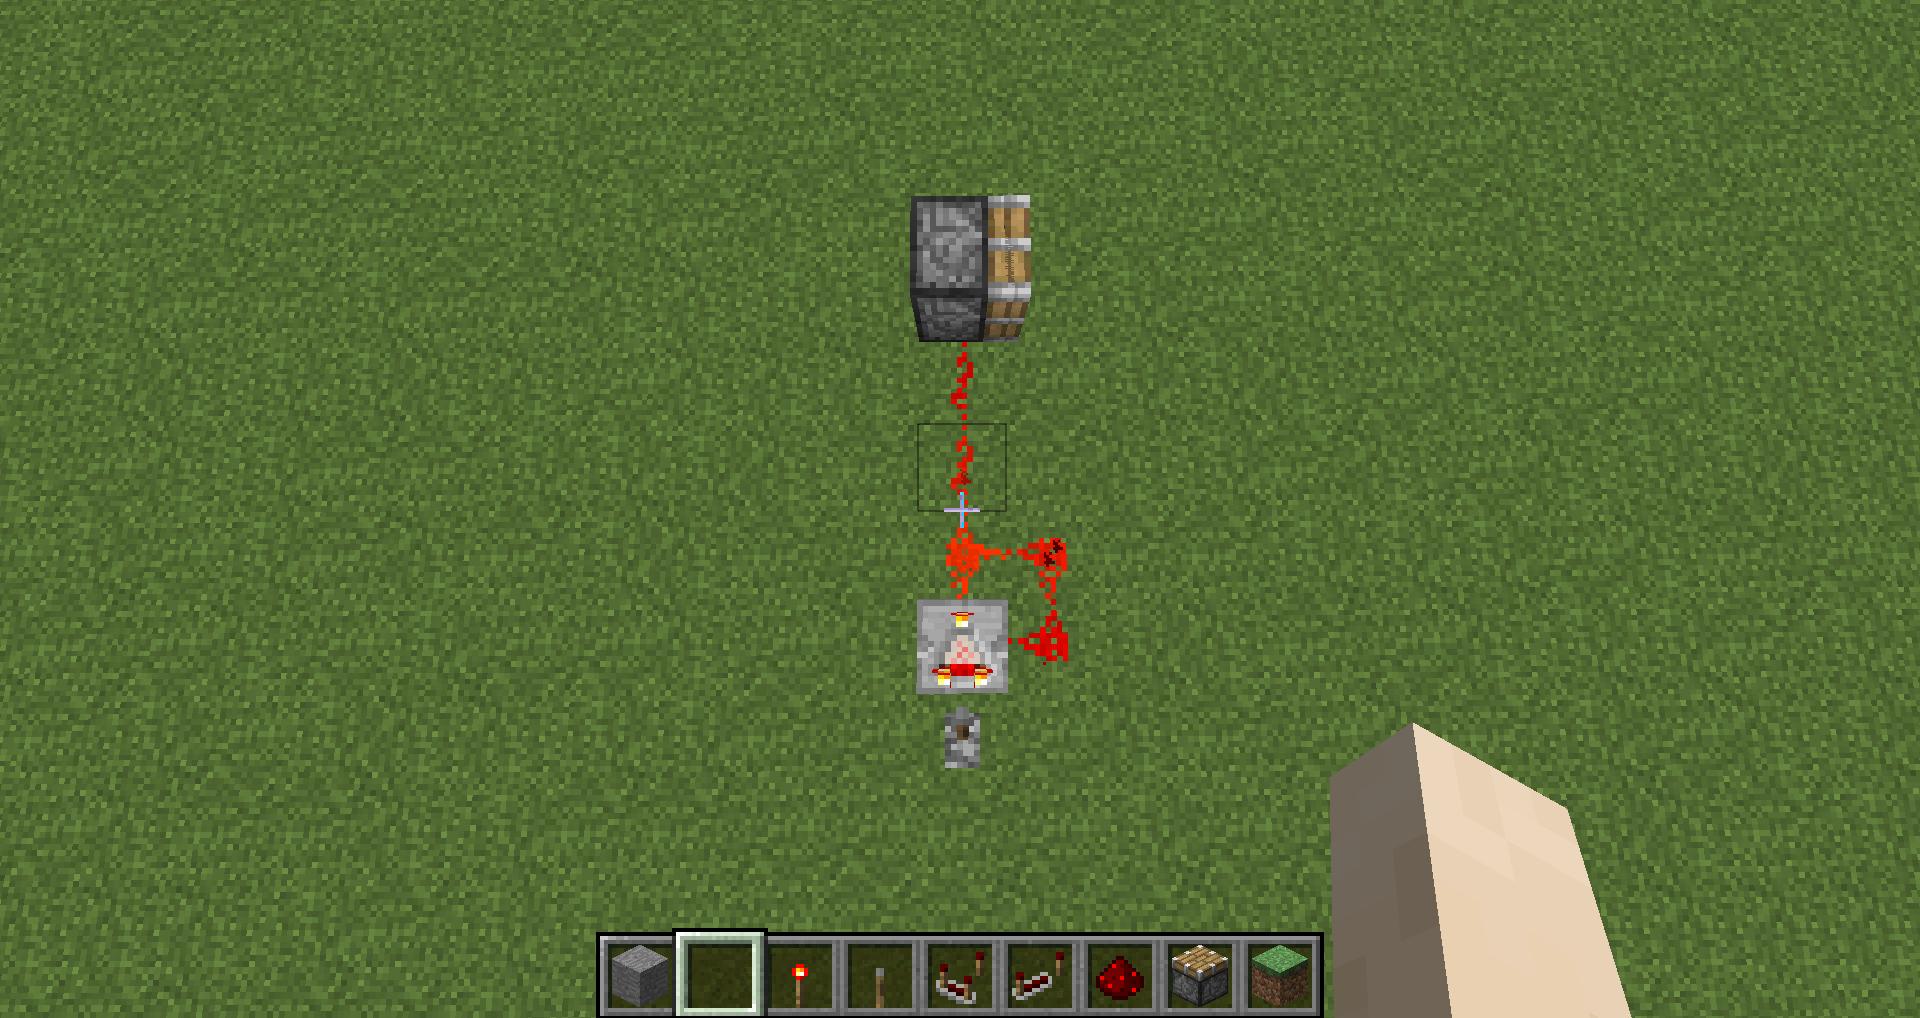 上記配置にてピストンの連続動作が可能となりますコンパレータからの距離が短いと連続動作が出来ませんのでご注意下さい